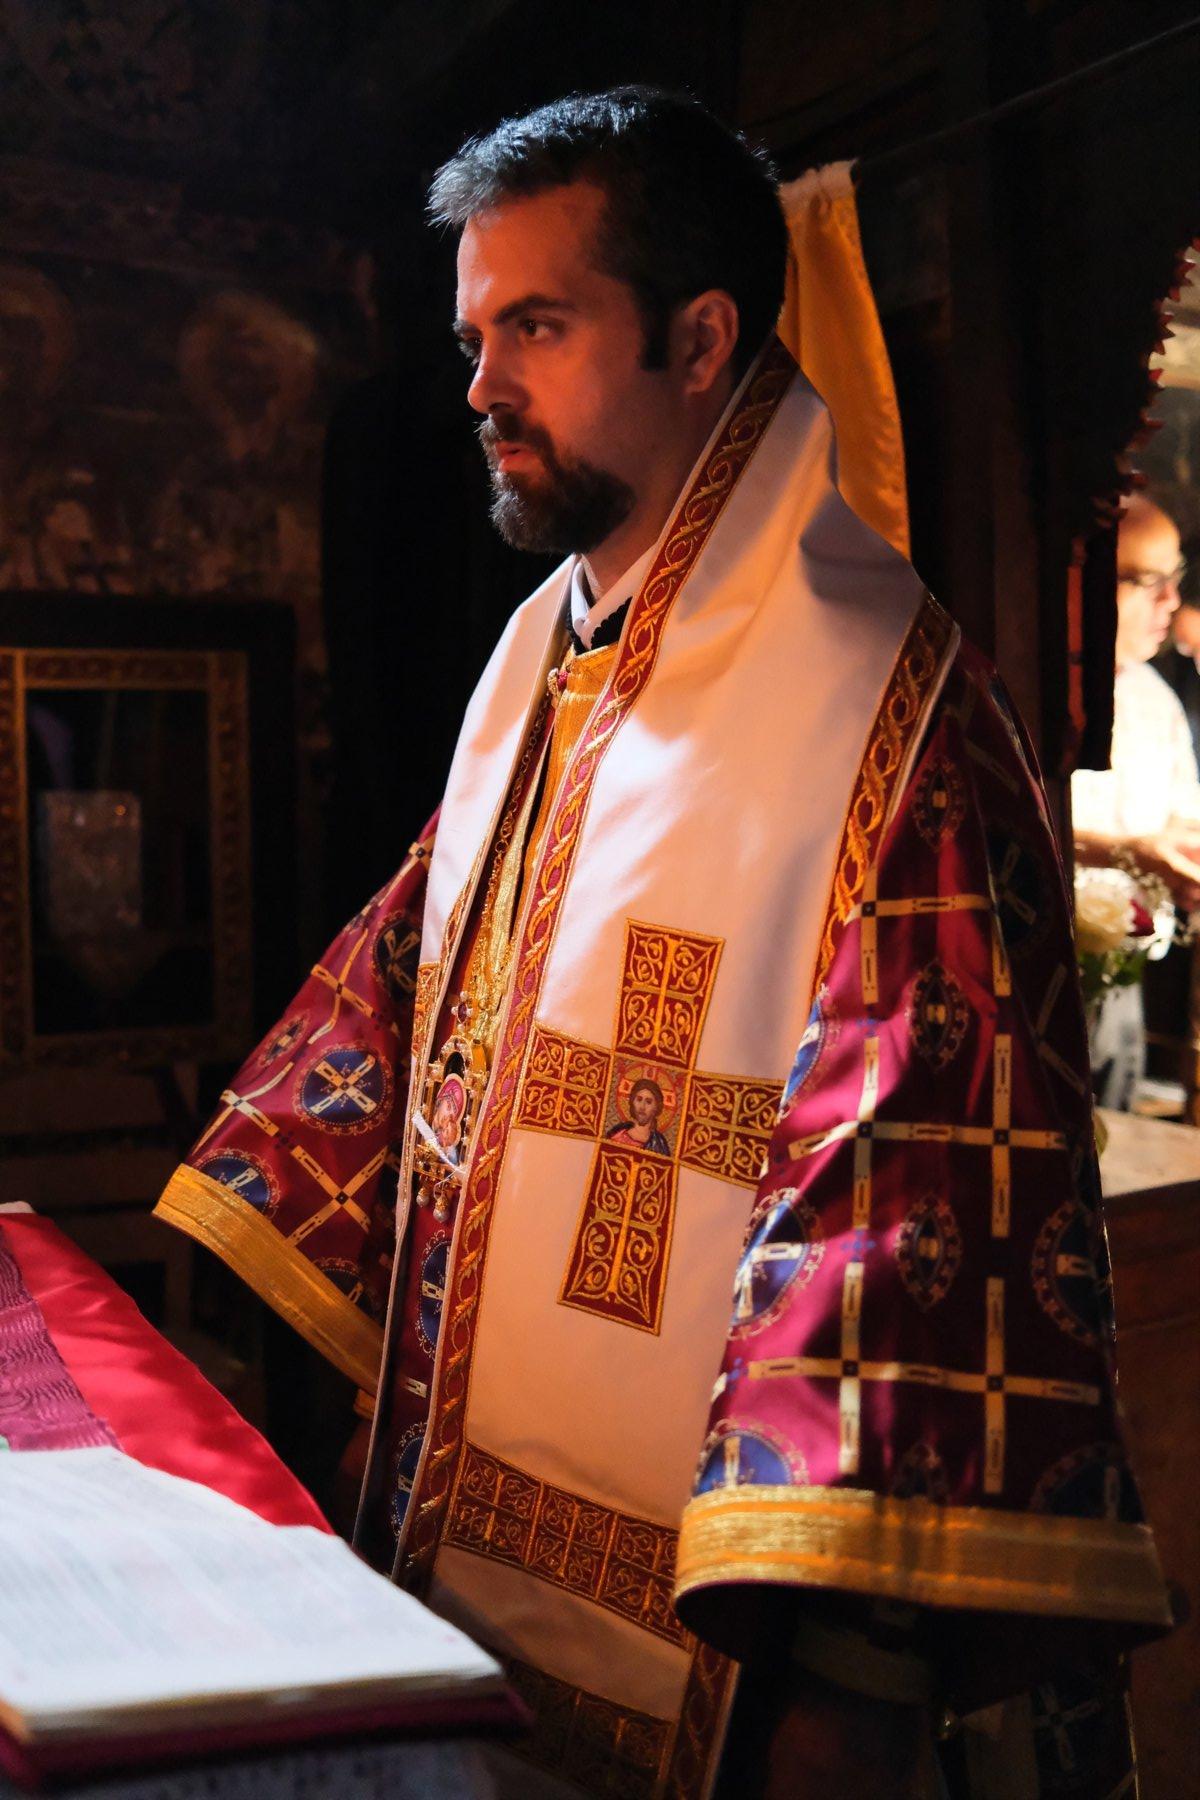 DSCF7898  - Ο Επίσκοπος Μελιτηνής στην Ι. Μονή Παναγίας Πελεκητής